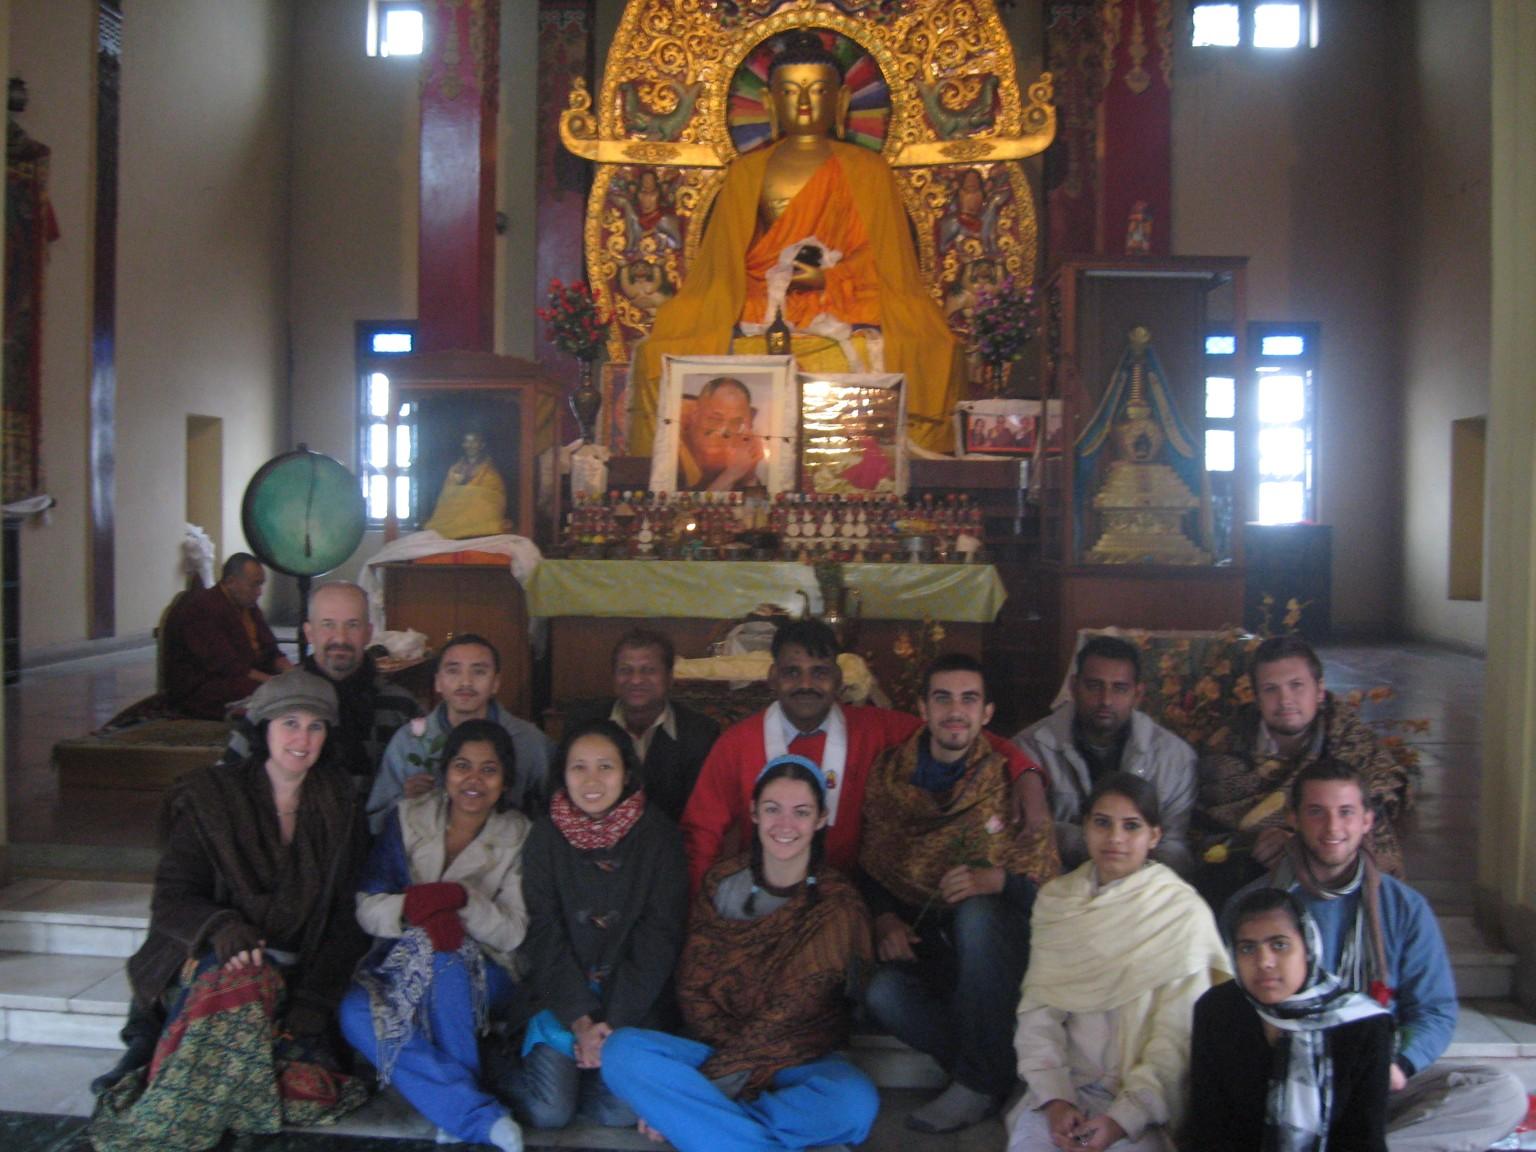 [Jai Bhim Ann sunday group in tibetan vihara.jpg]